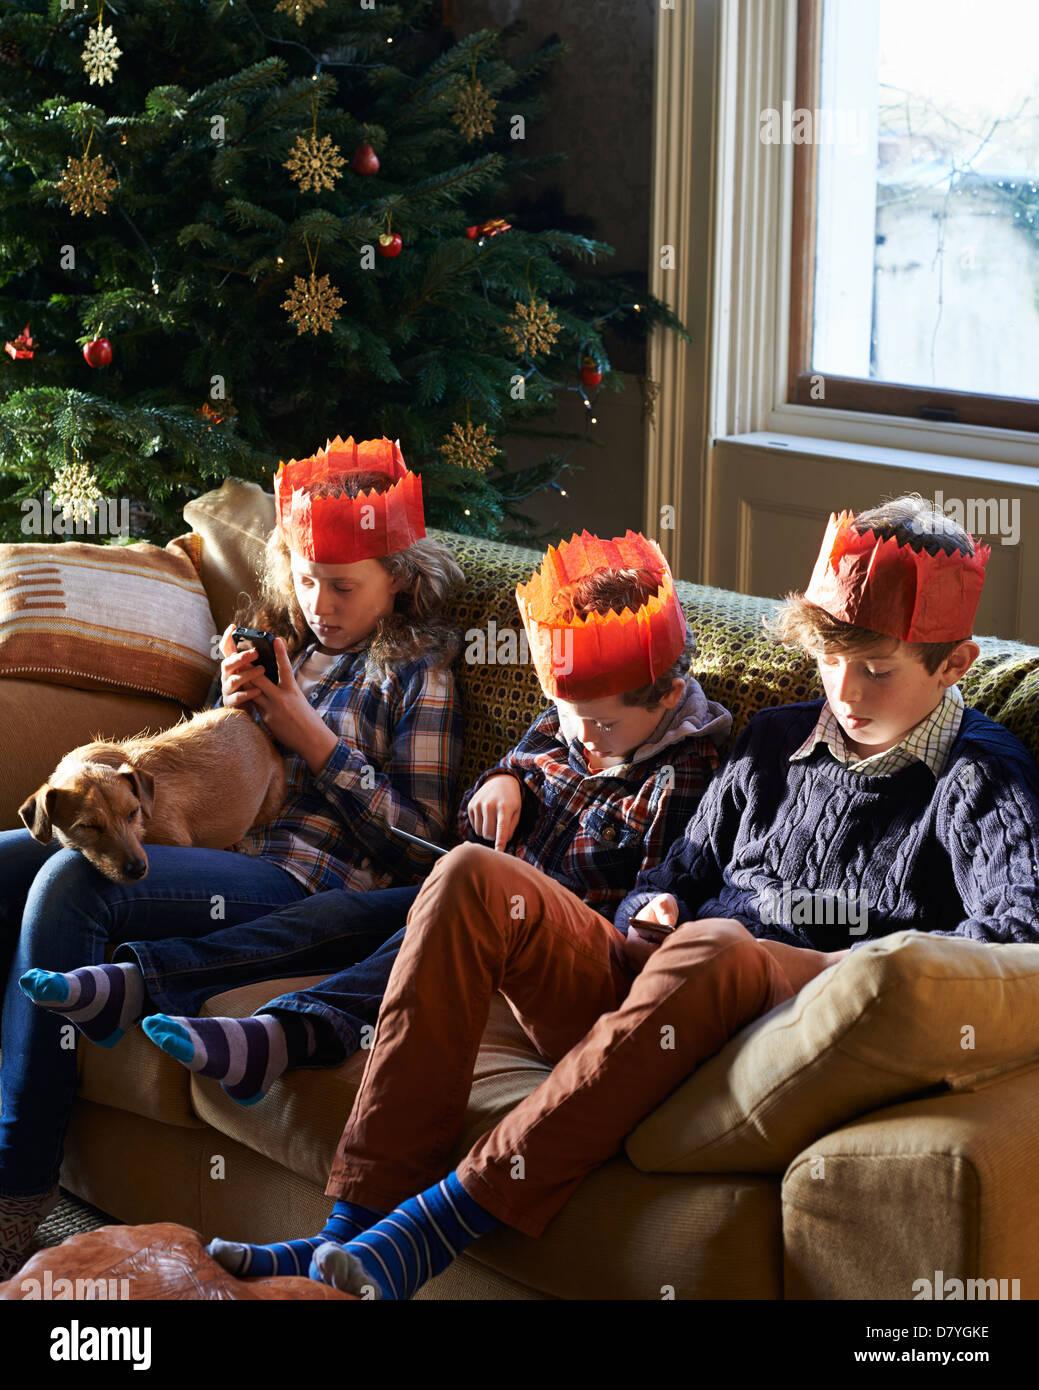 Kinder in Papier Kronen entspannend auf sofa Stockbild